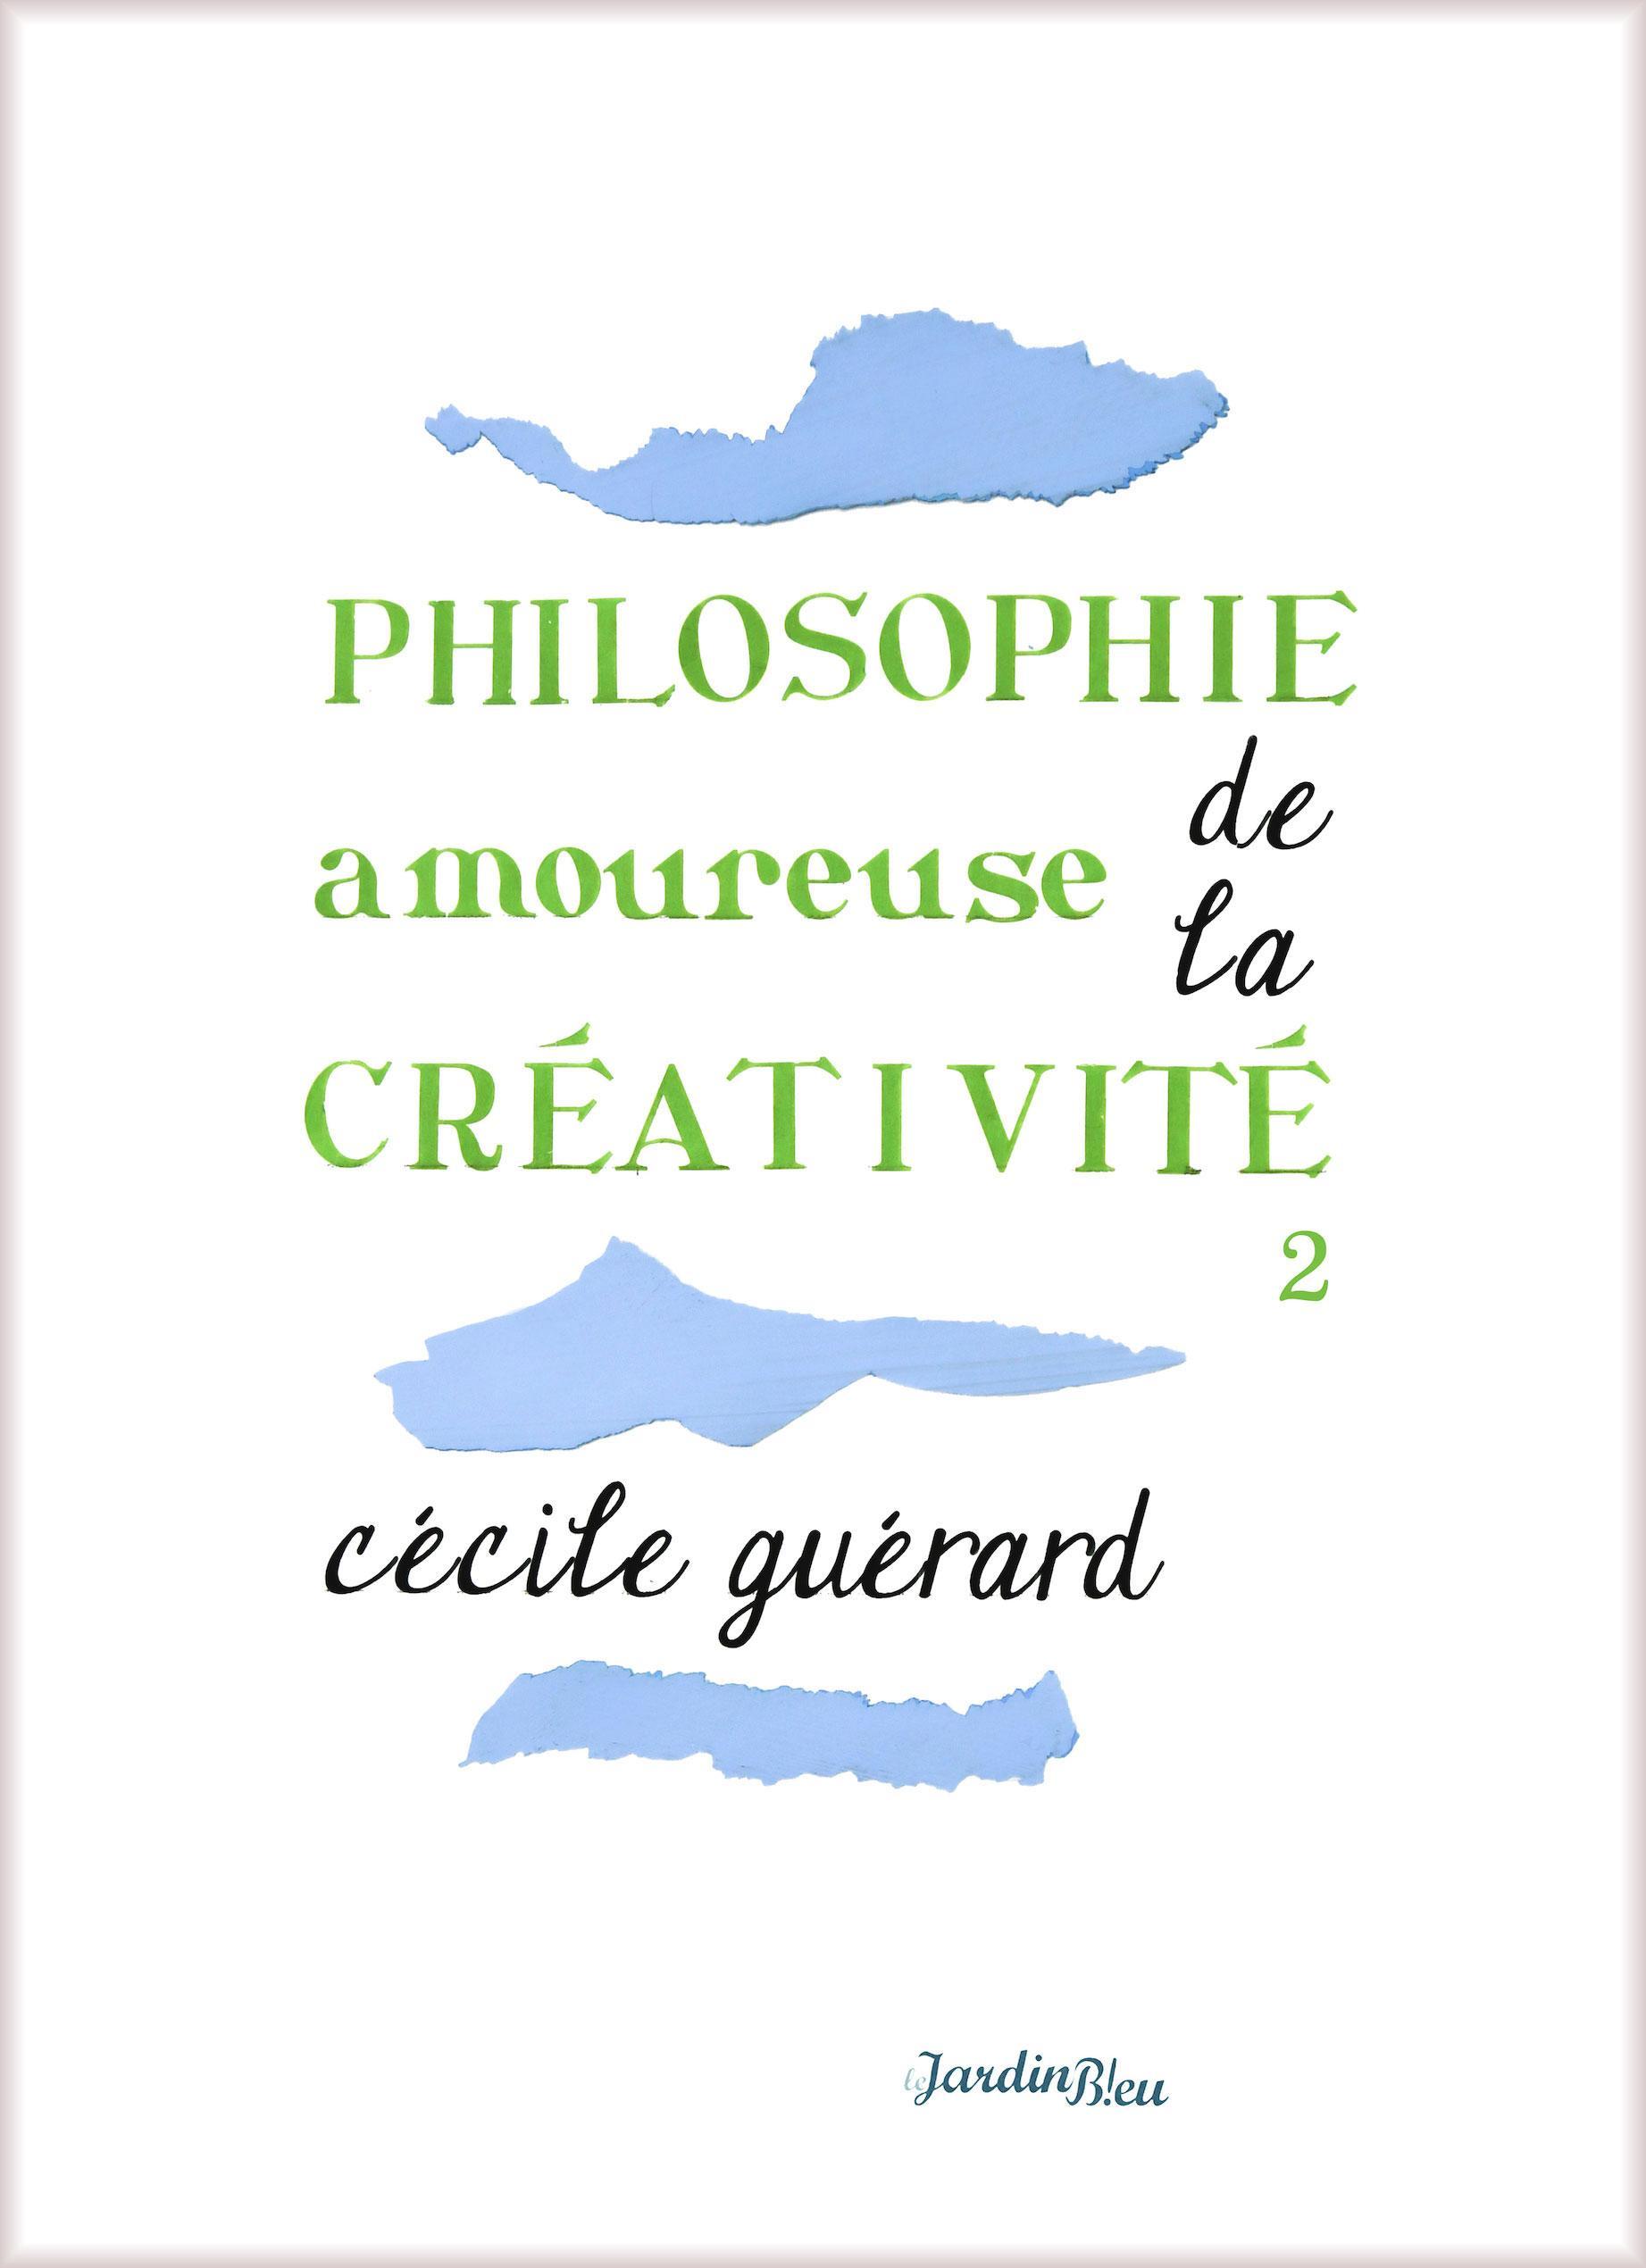 Philosophie amoureuse de la créativité, LIVRE 2 : CRÉER, C'EST SE CRÉER